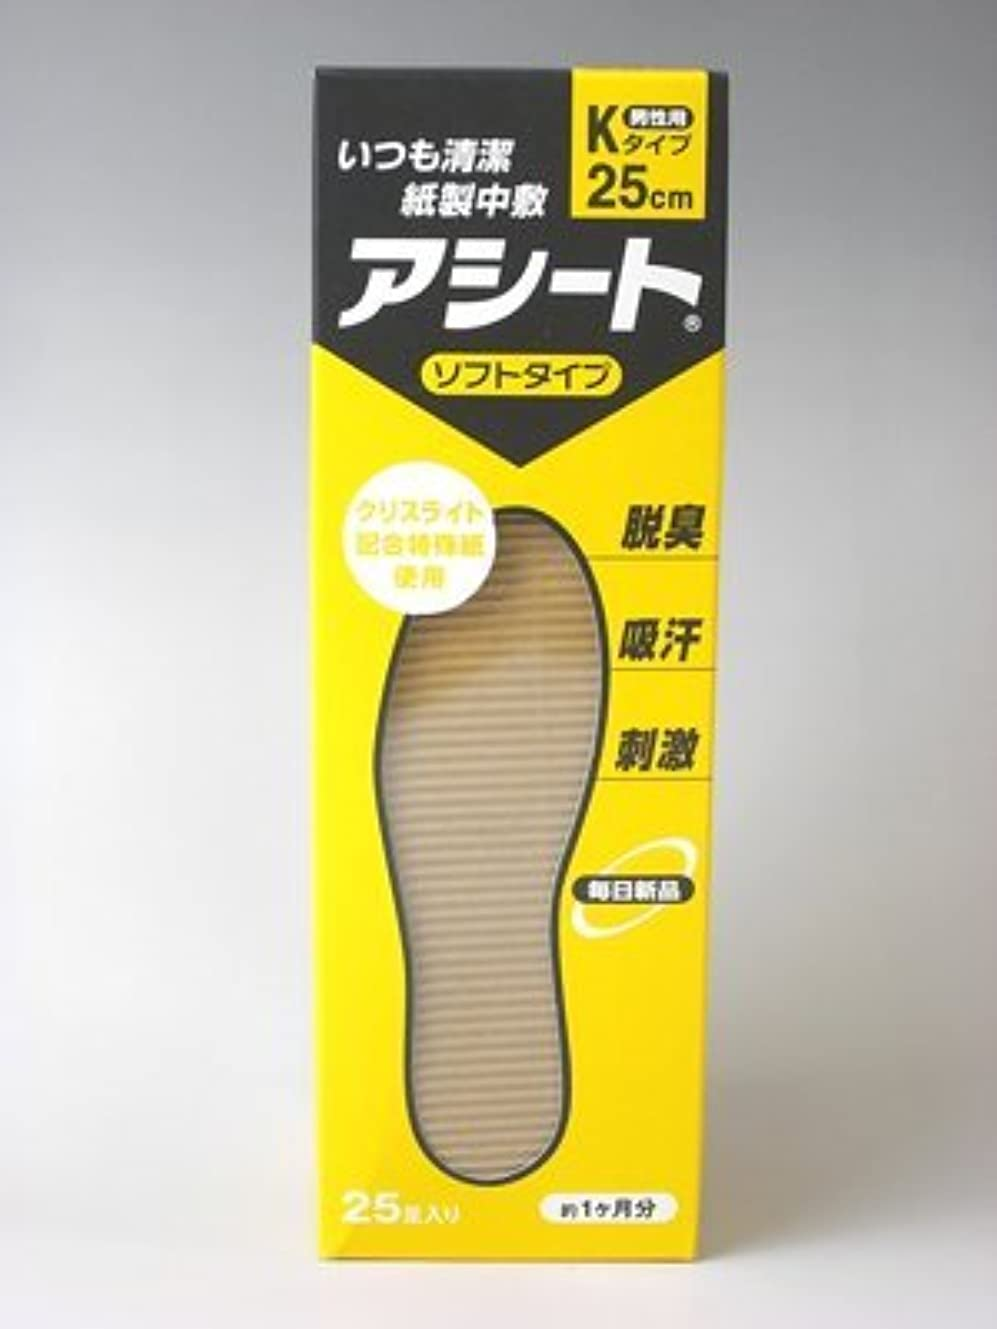 消費する泣くマルクス主義アシートK25足入(ソフトタイプ)26cm